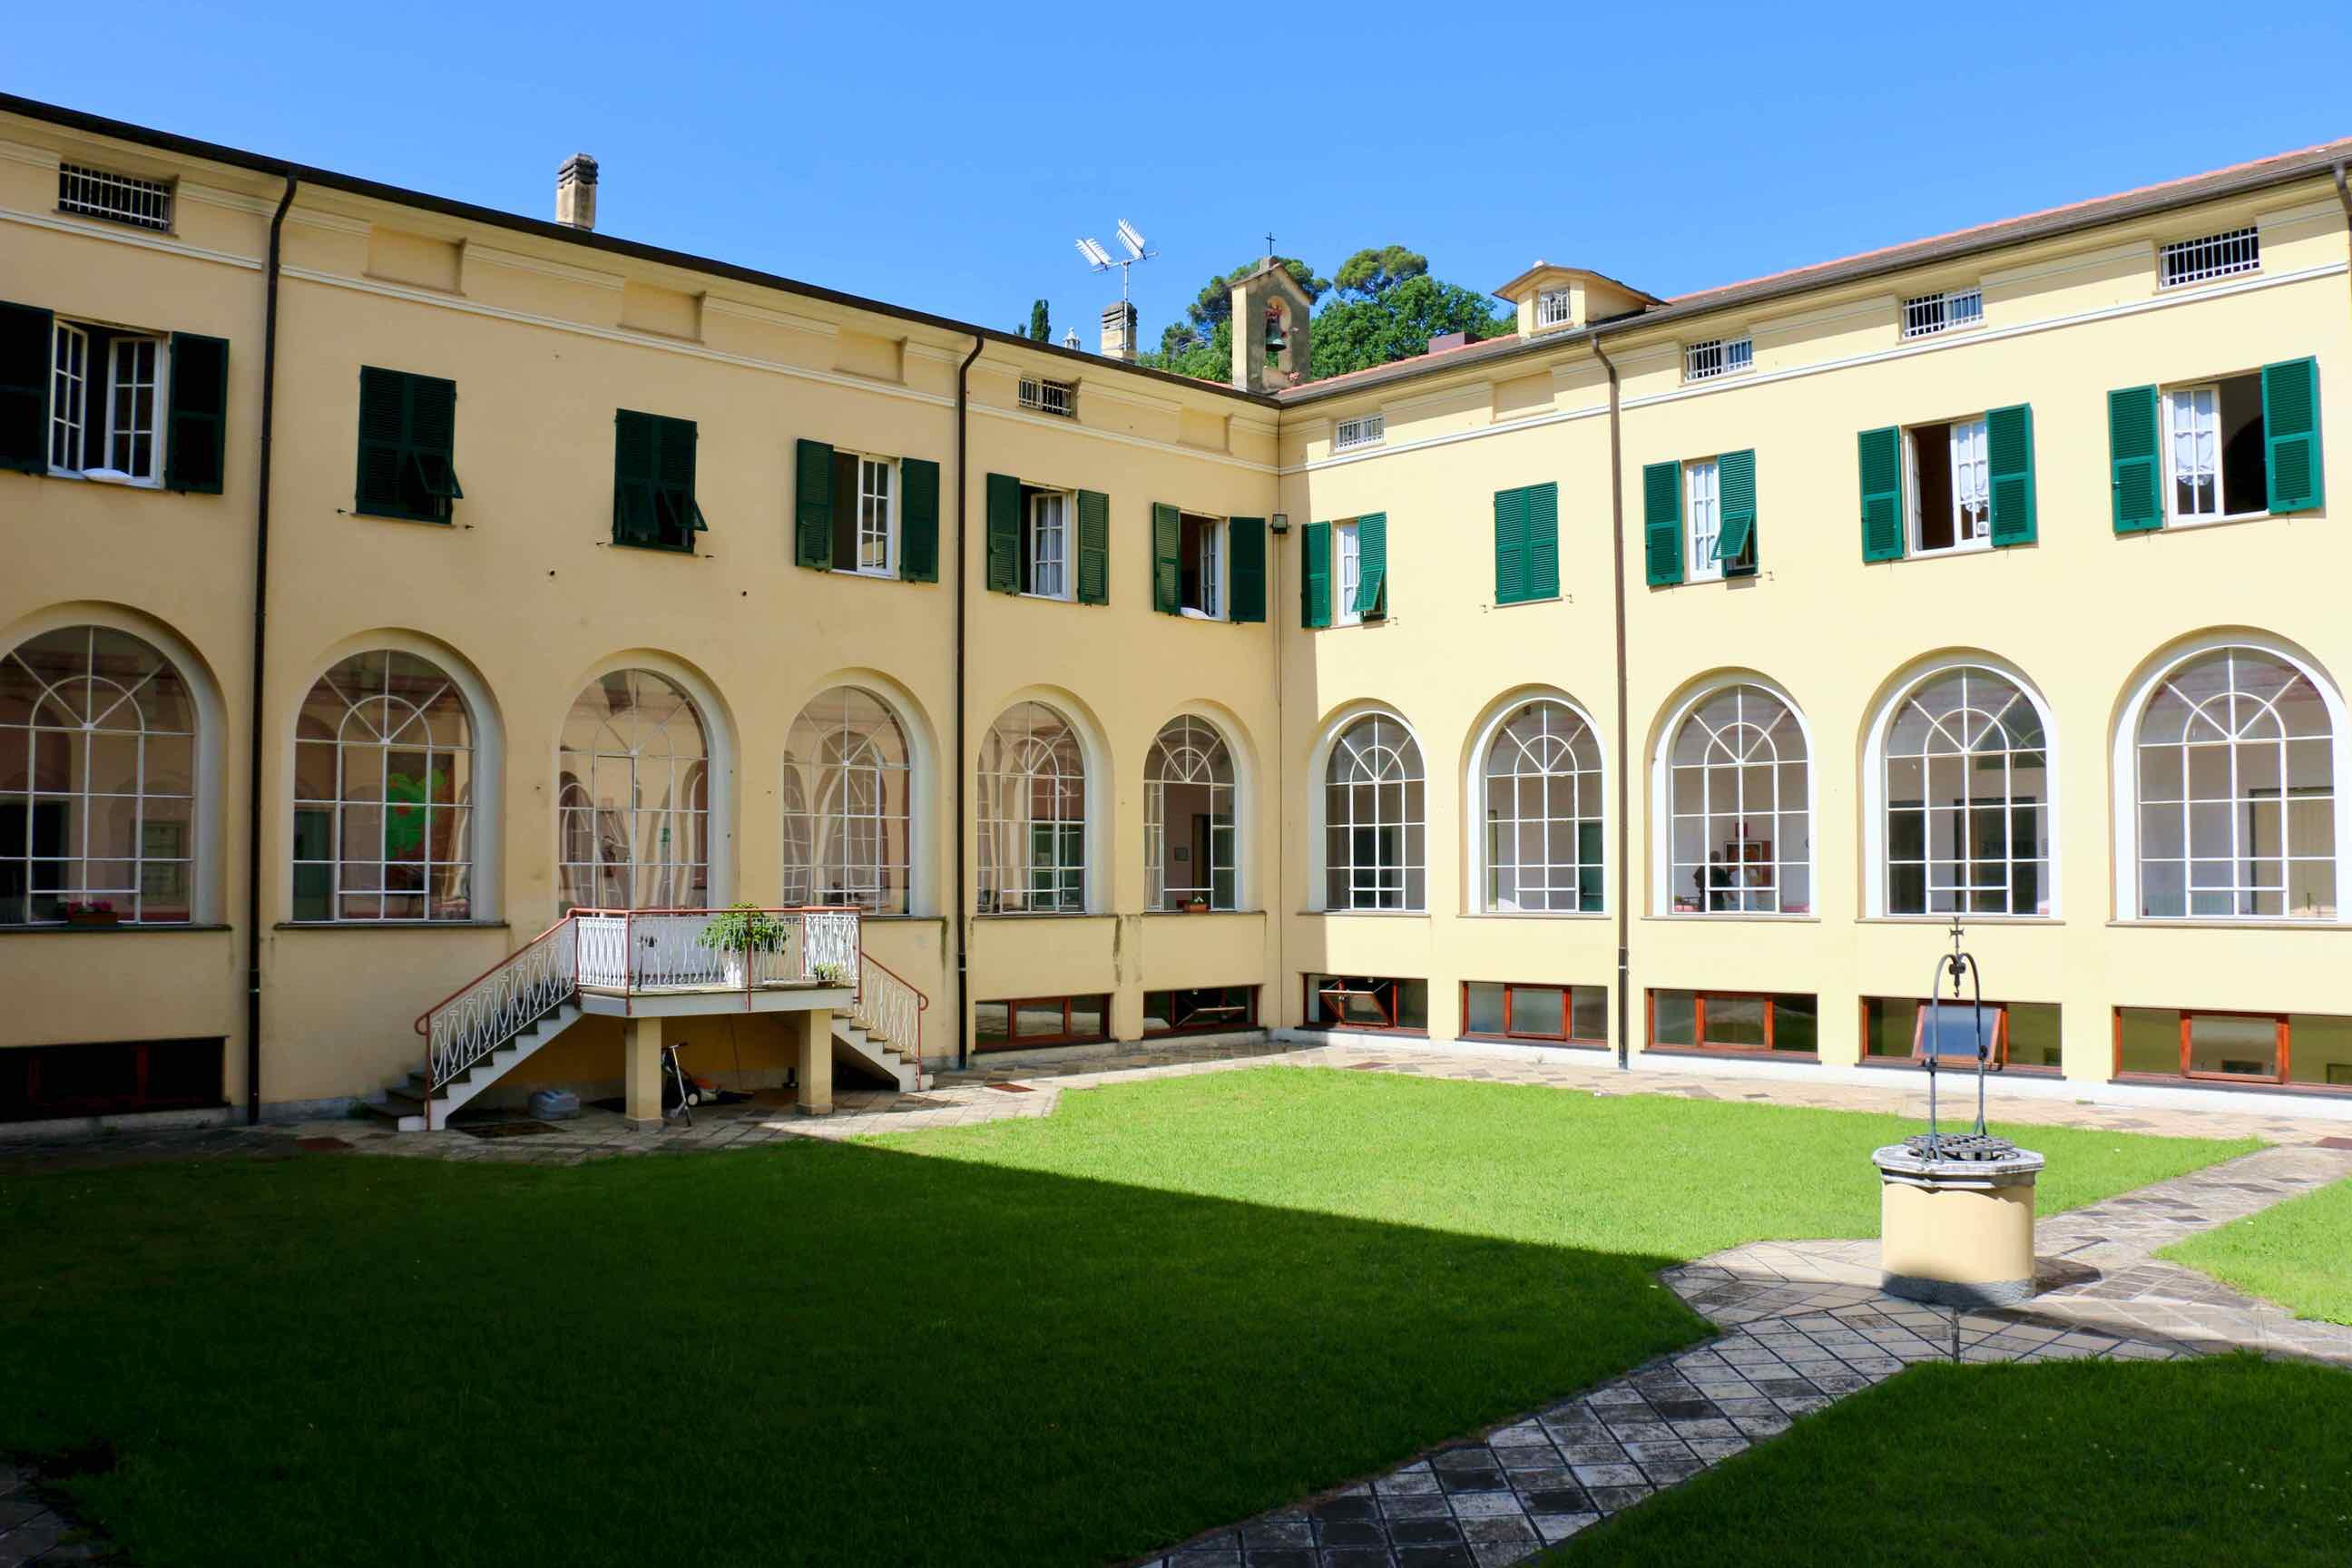 Centro Benedetto Acquarone - Villaggio del Ragazzo - Chiavari - 2